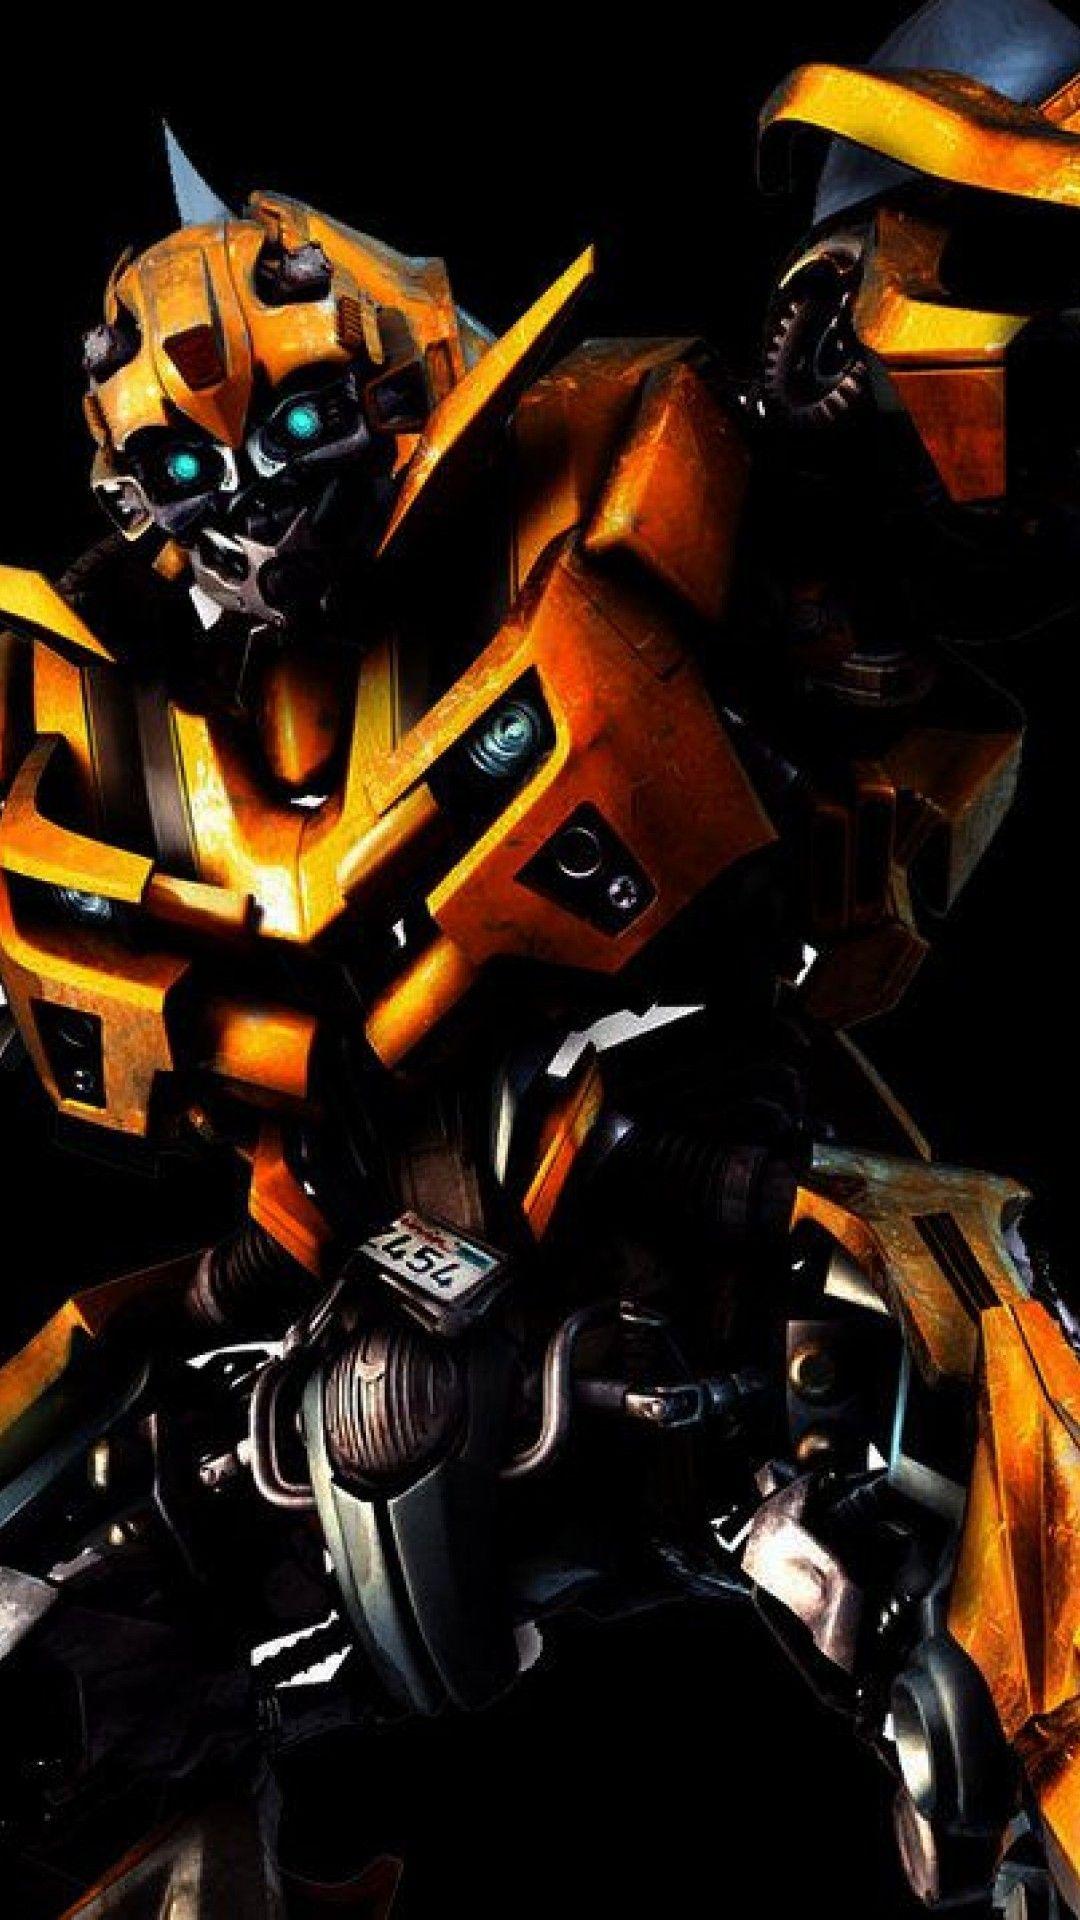 Http Mobw Org 35337 Transformer Bumblebee Wallpaper Html Transformer Bumblebee Wallpaper Transformers Bumblebee Transformers Art Transformers Movie